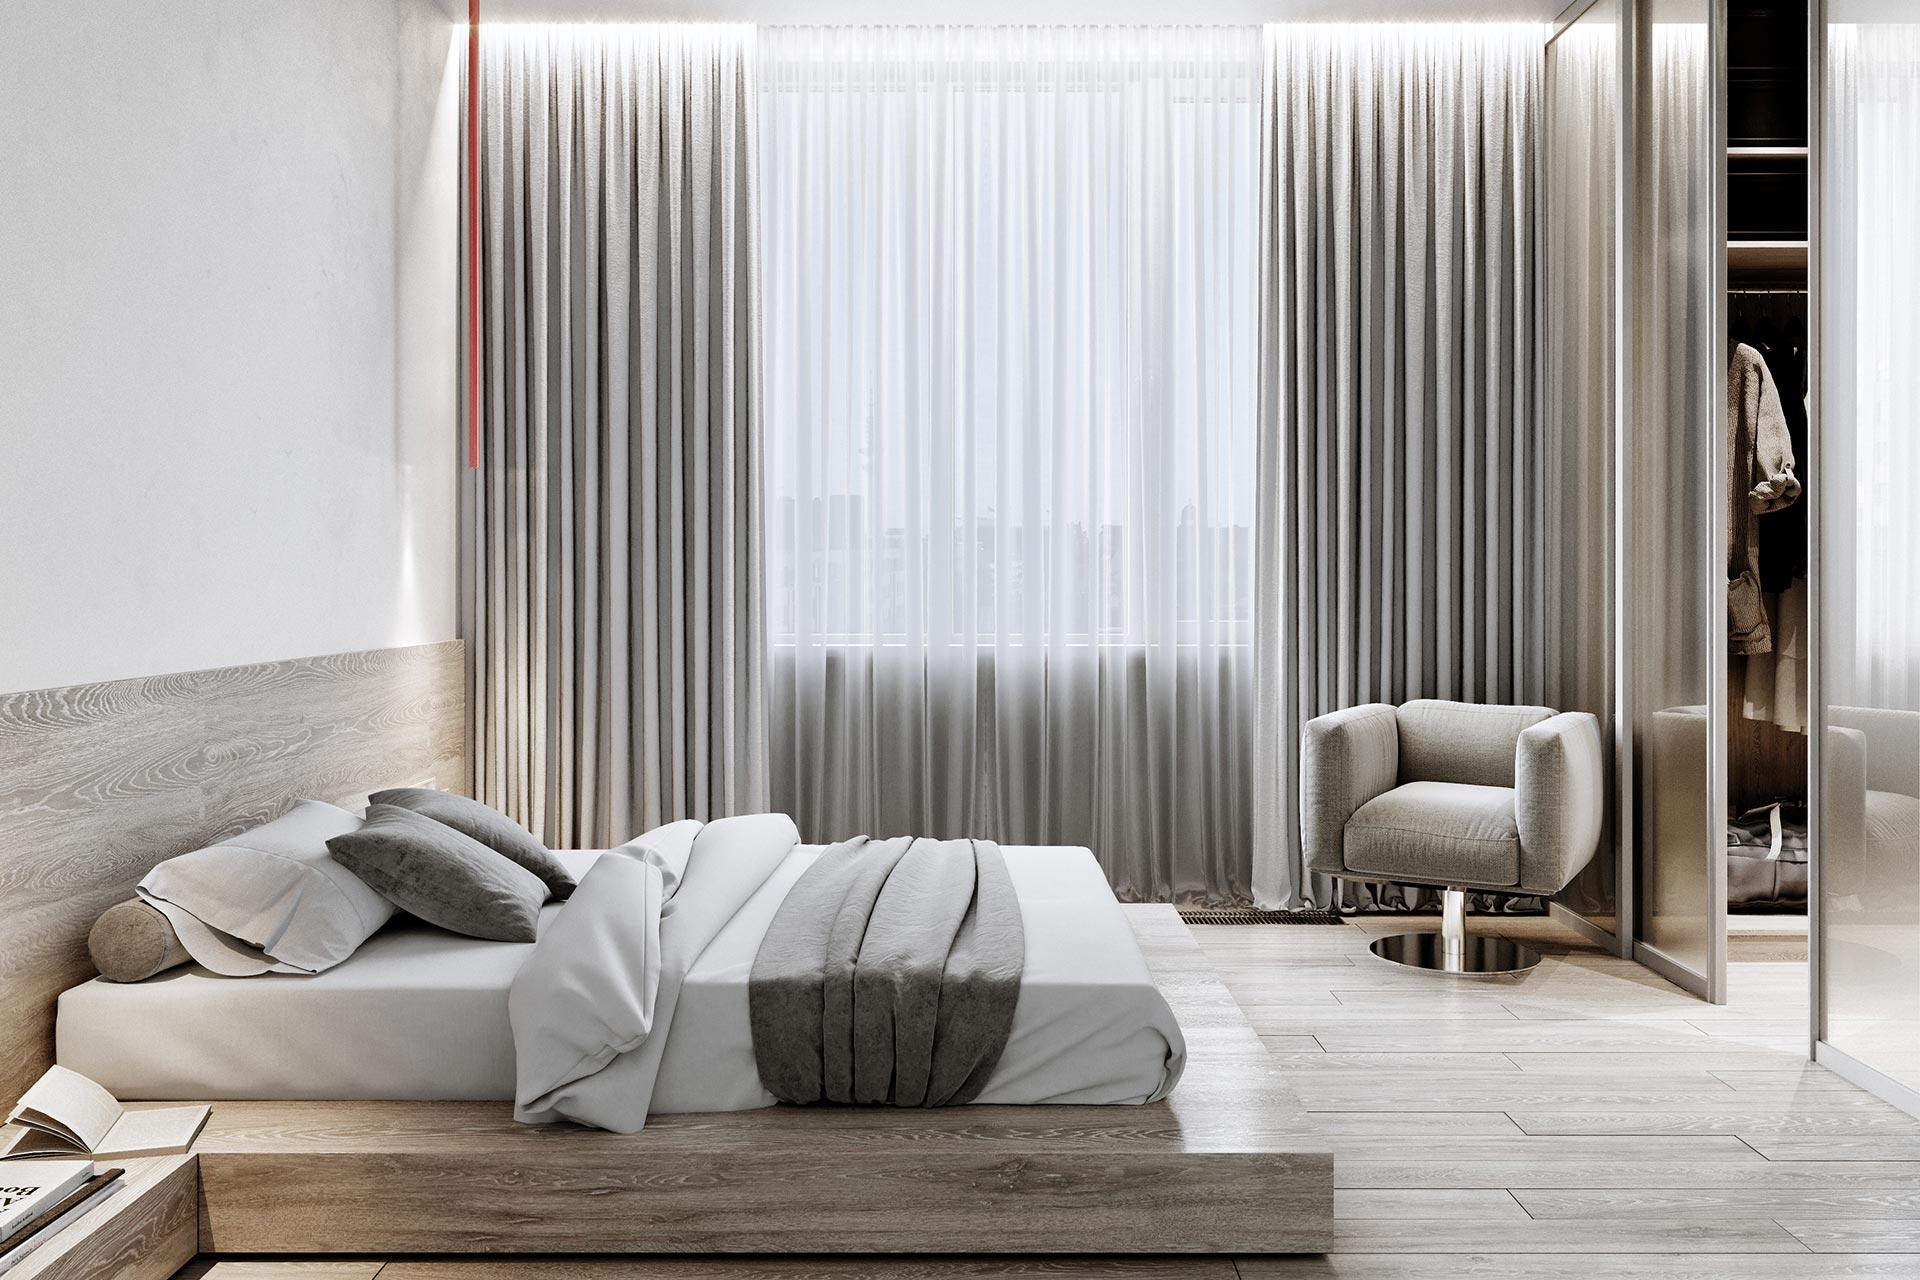 Визуализация интерьера квартиры в стиле минимализм